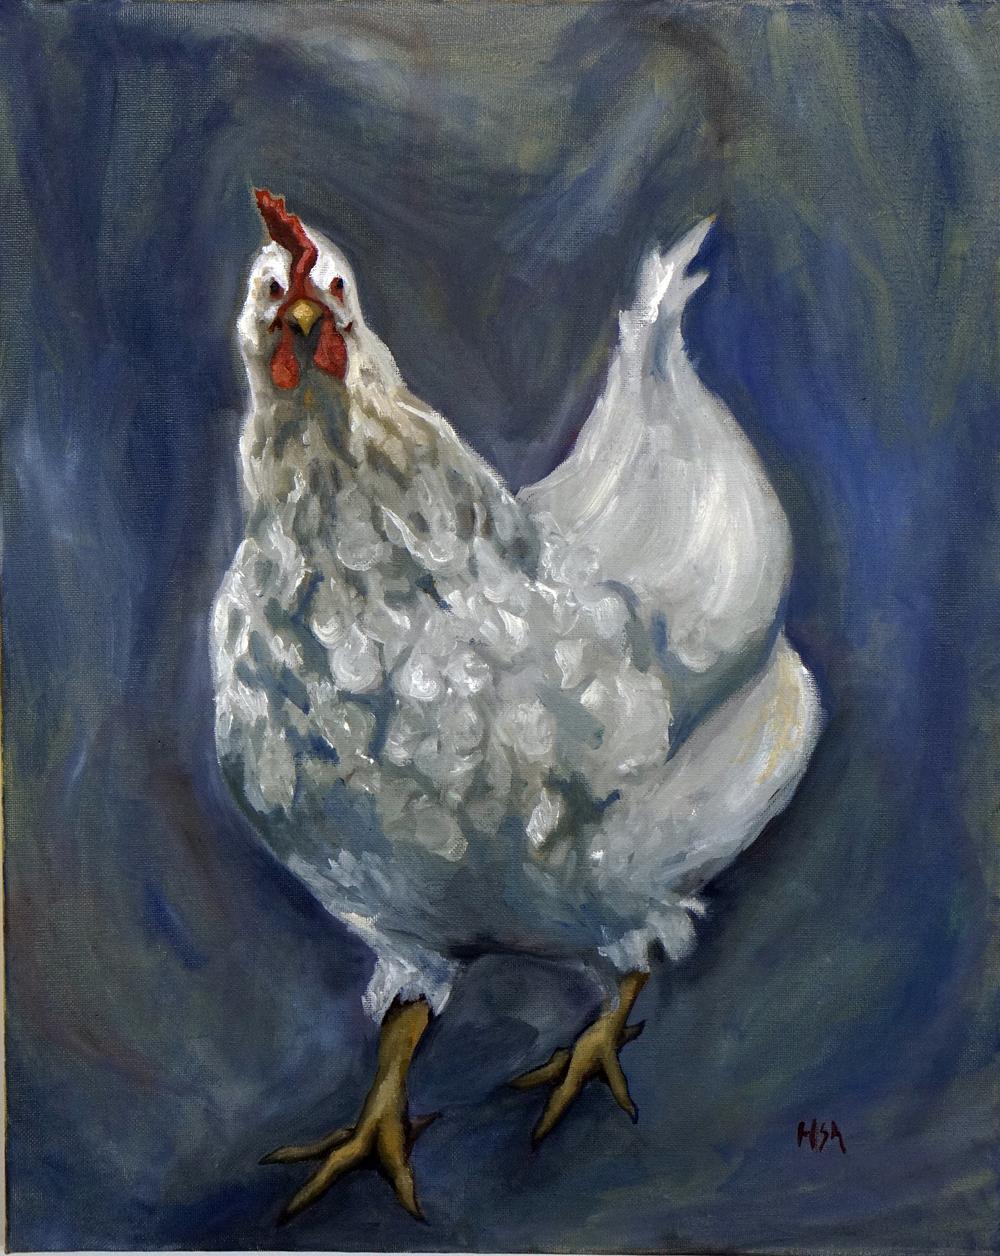 The Chicken